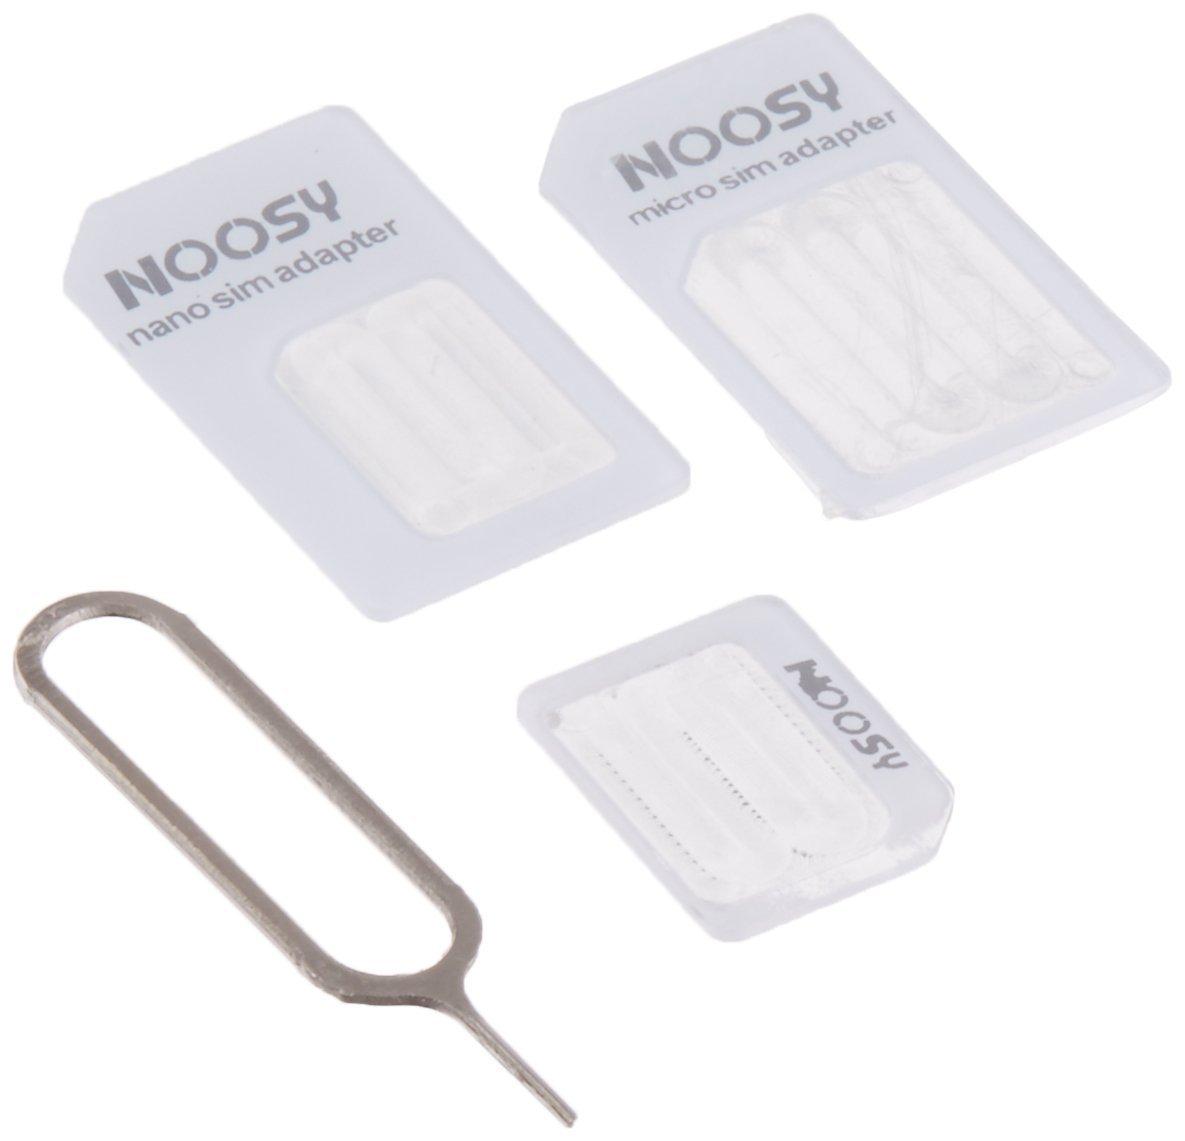 Nano SIM vers Micro SIM et une carte adaptateur pour Apple iPhone 5 4S 4 g 3GS et 3 g